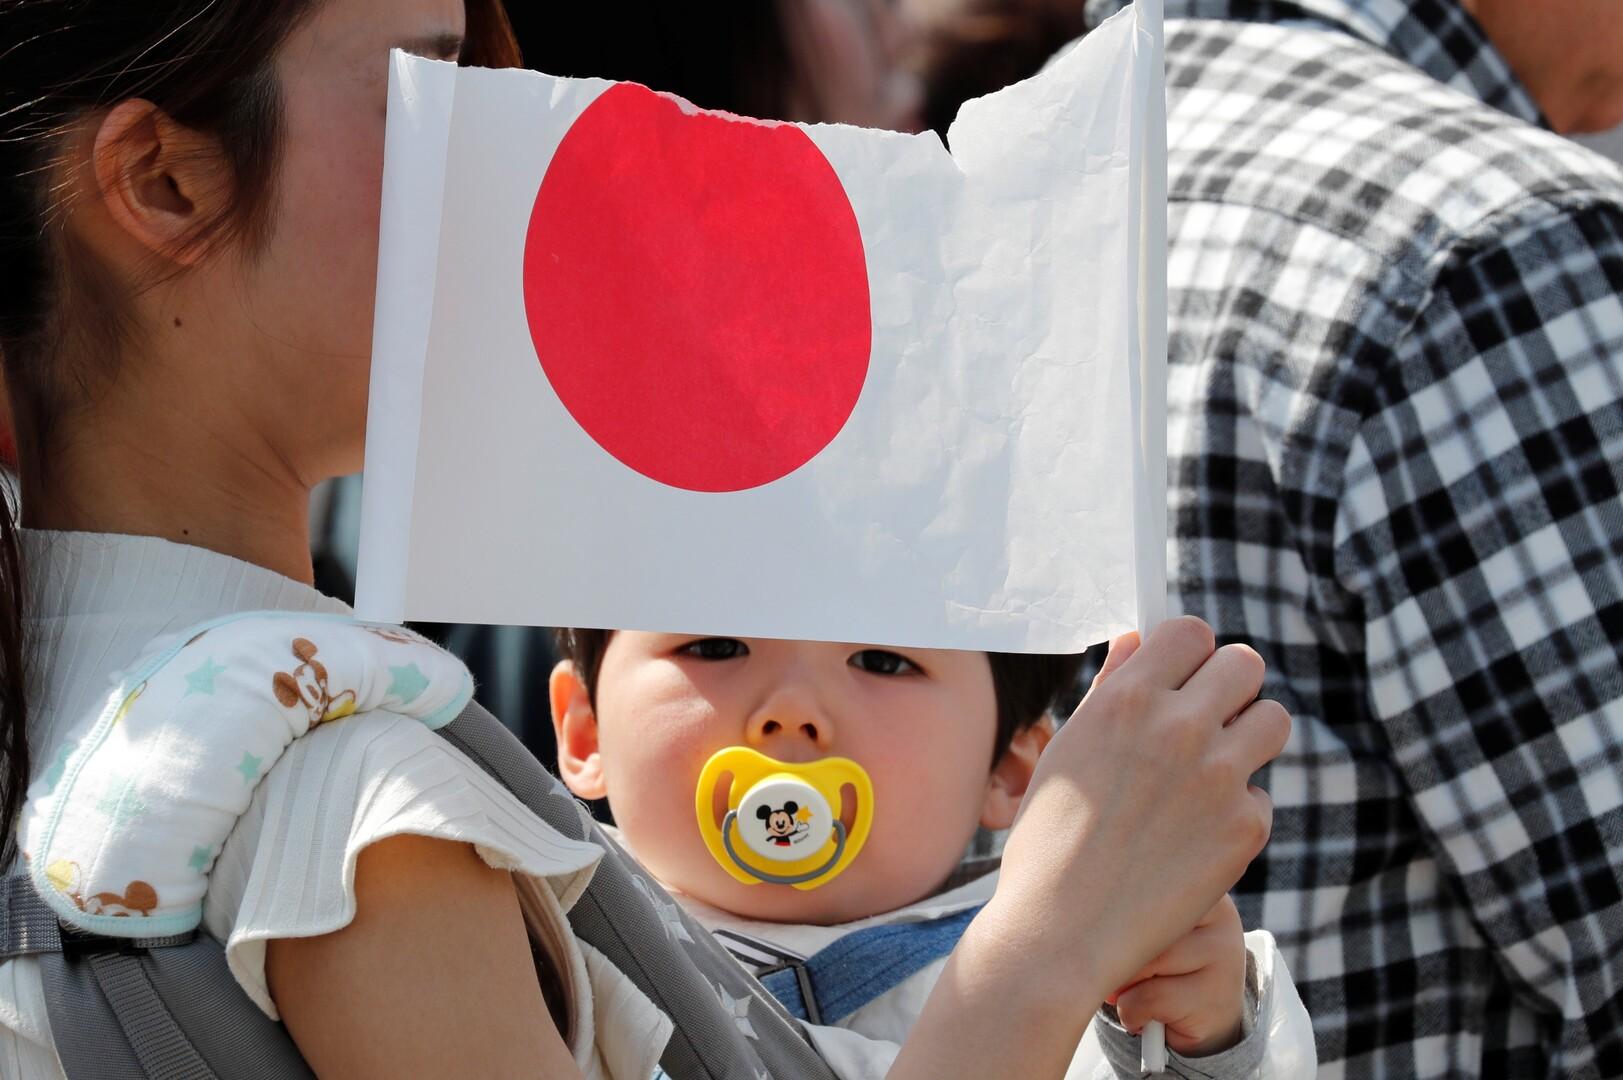 انخفاض مؤشر رئيسي في اليابان والحكومة تعدل نظرتها إلى